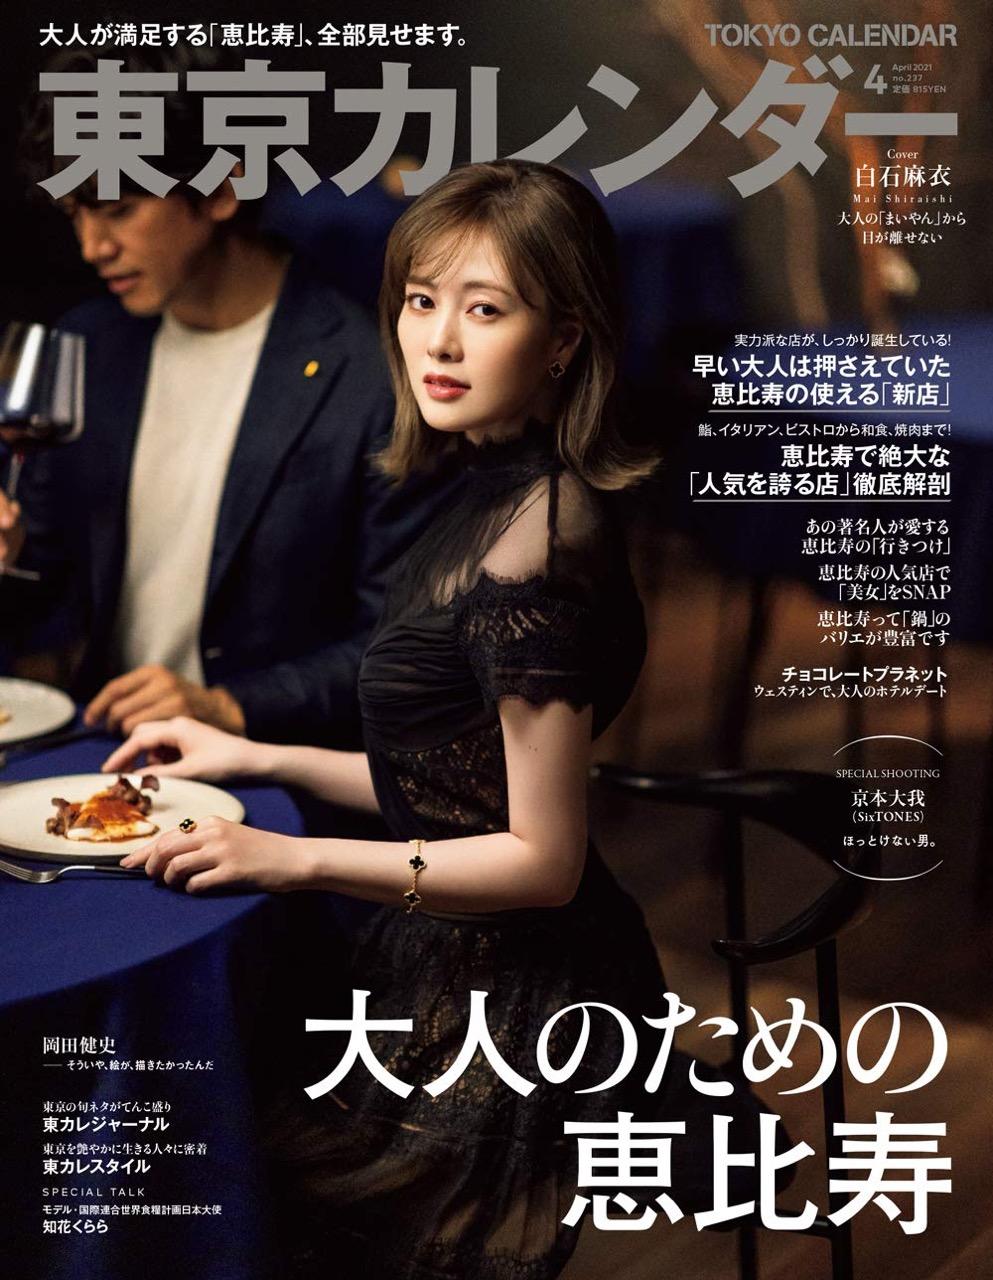 東京カレンダー 2021年4月号